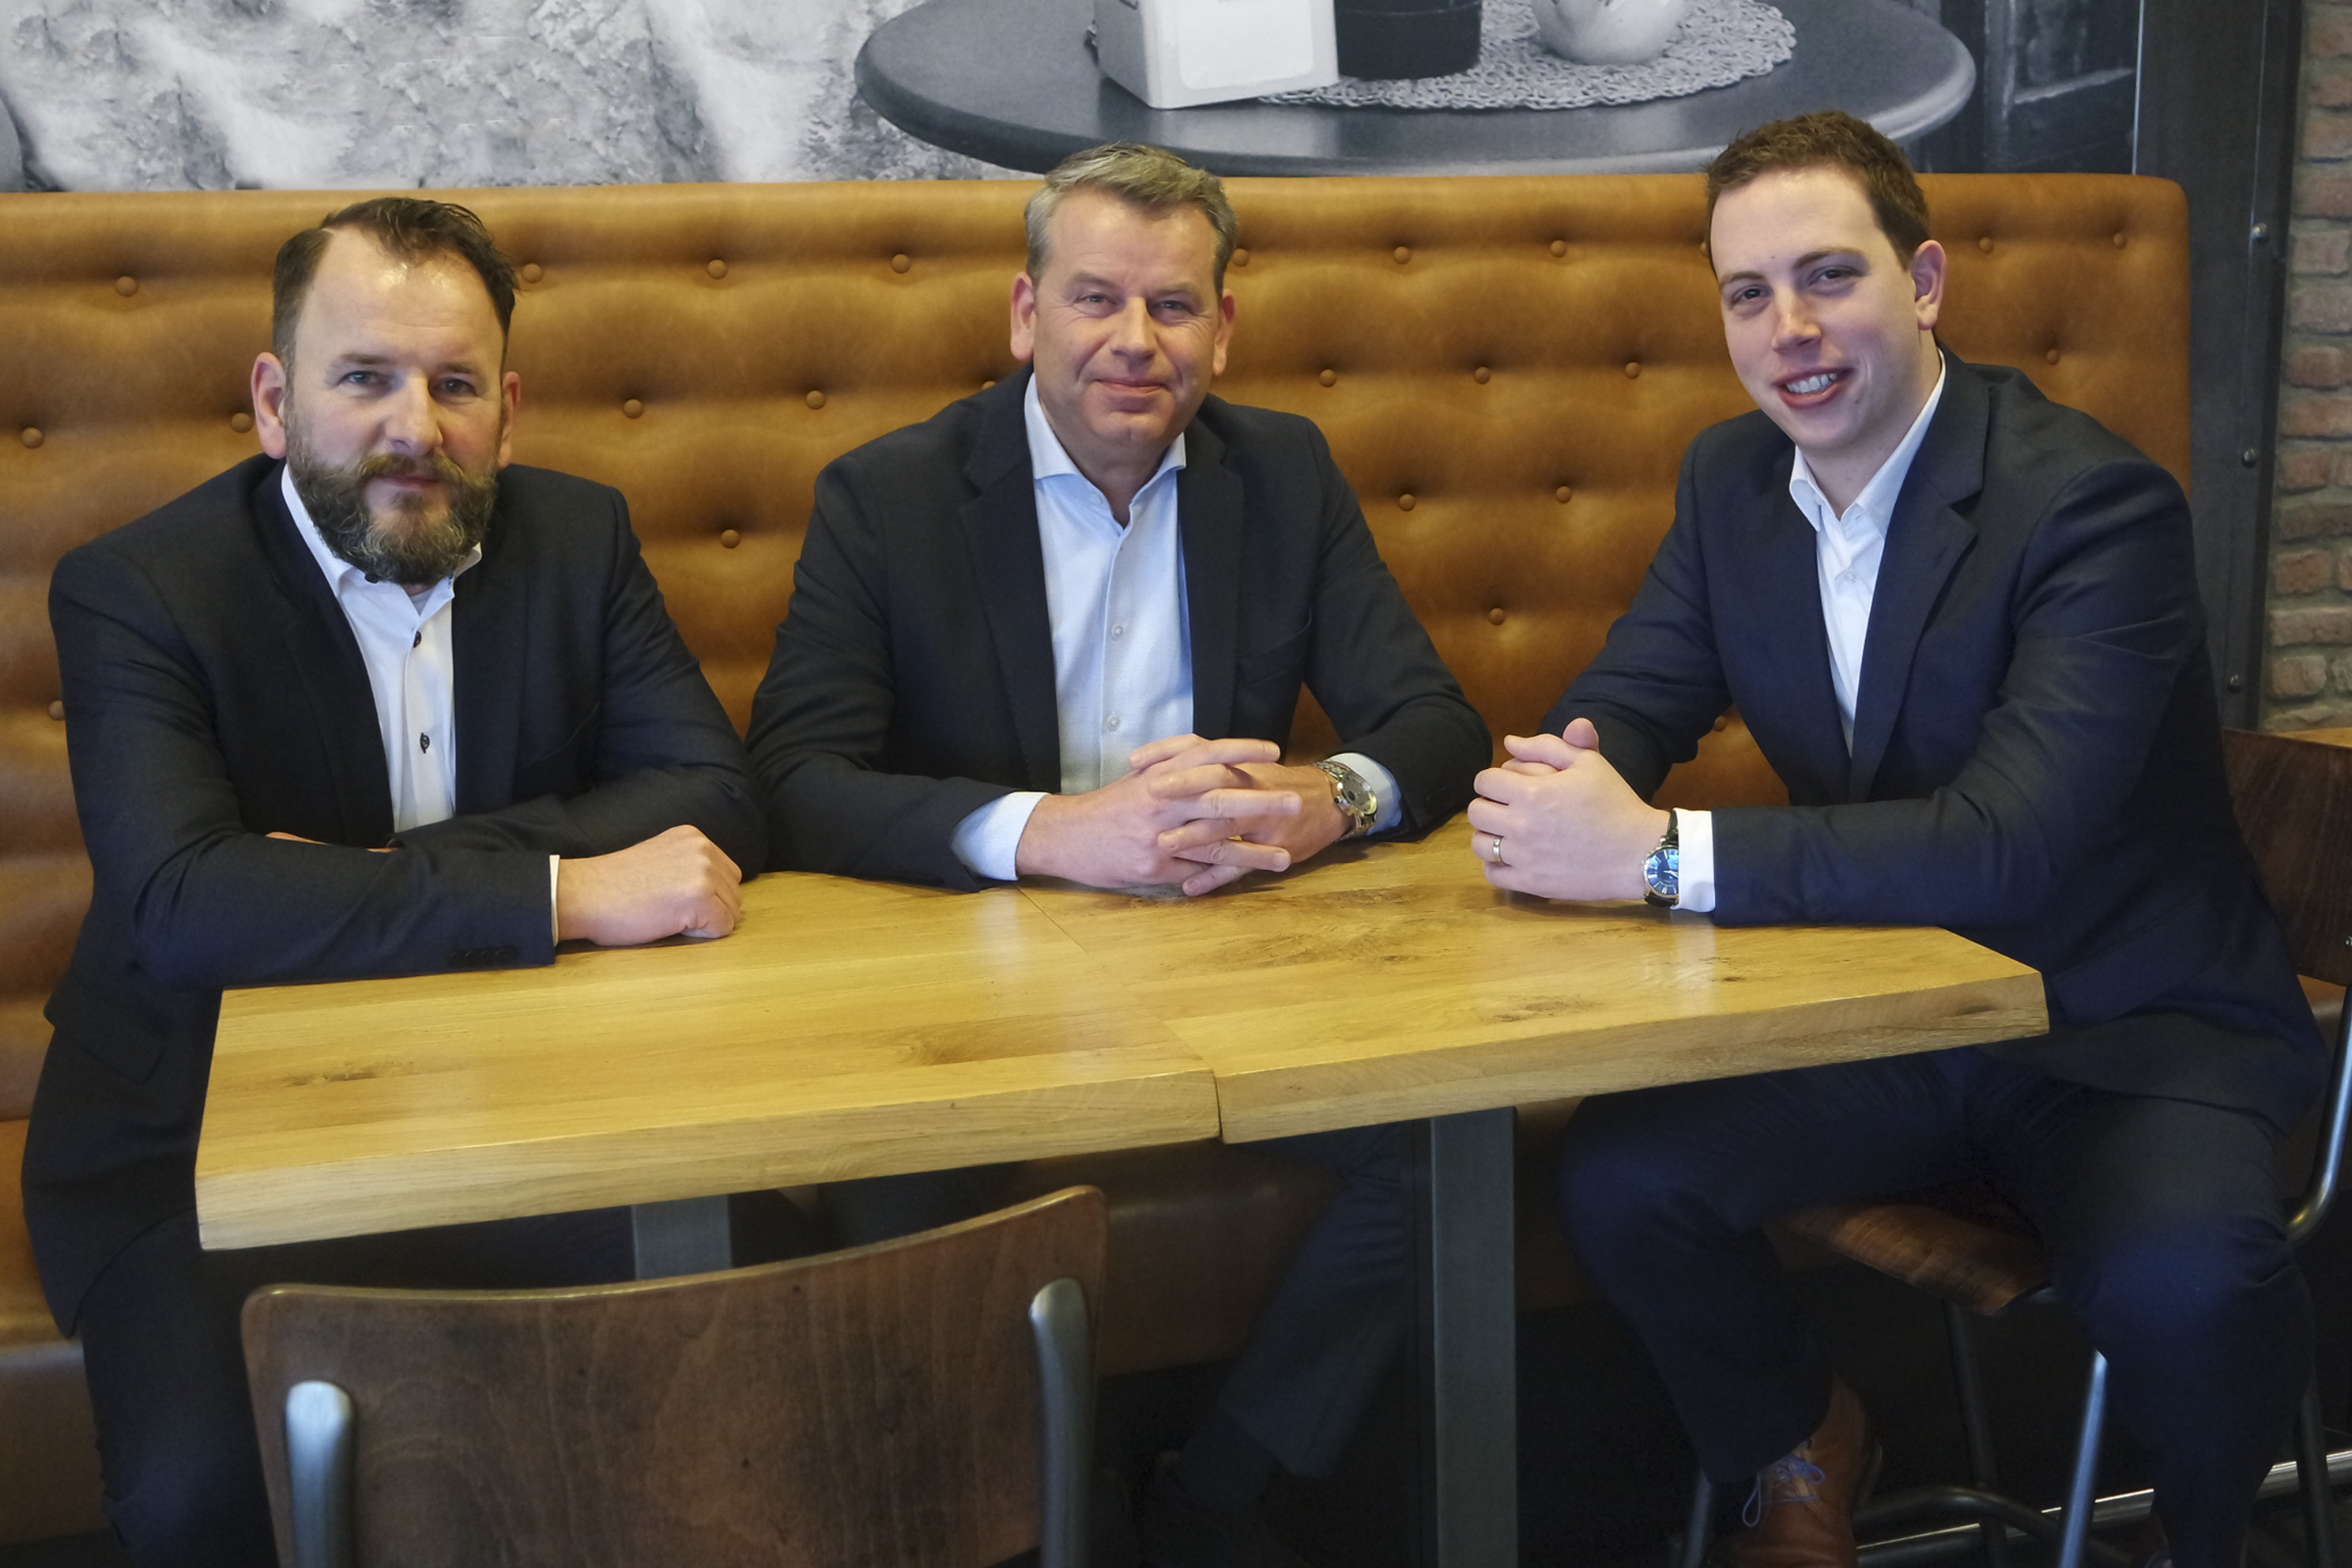 De directie Van Melik Food Groep (van links naar rechts: Marcel Maas (commercieel directeur), Charles Sampers (algemeen directeur) en Patrick Dreezens (financieel directeur). Bron: FranchiseFormules.NL